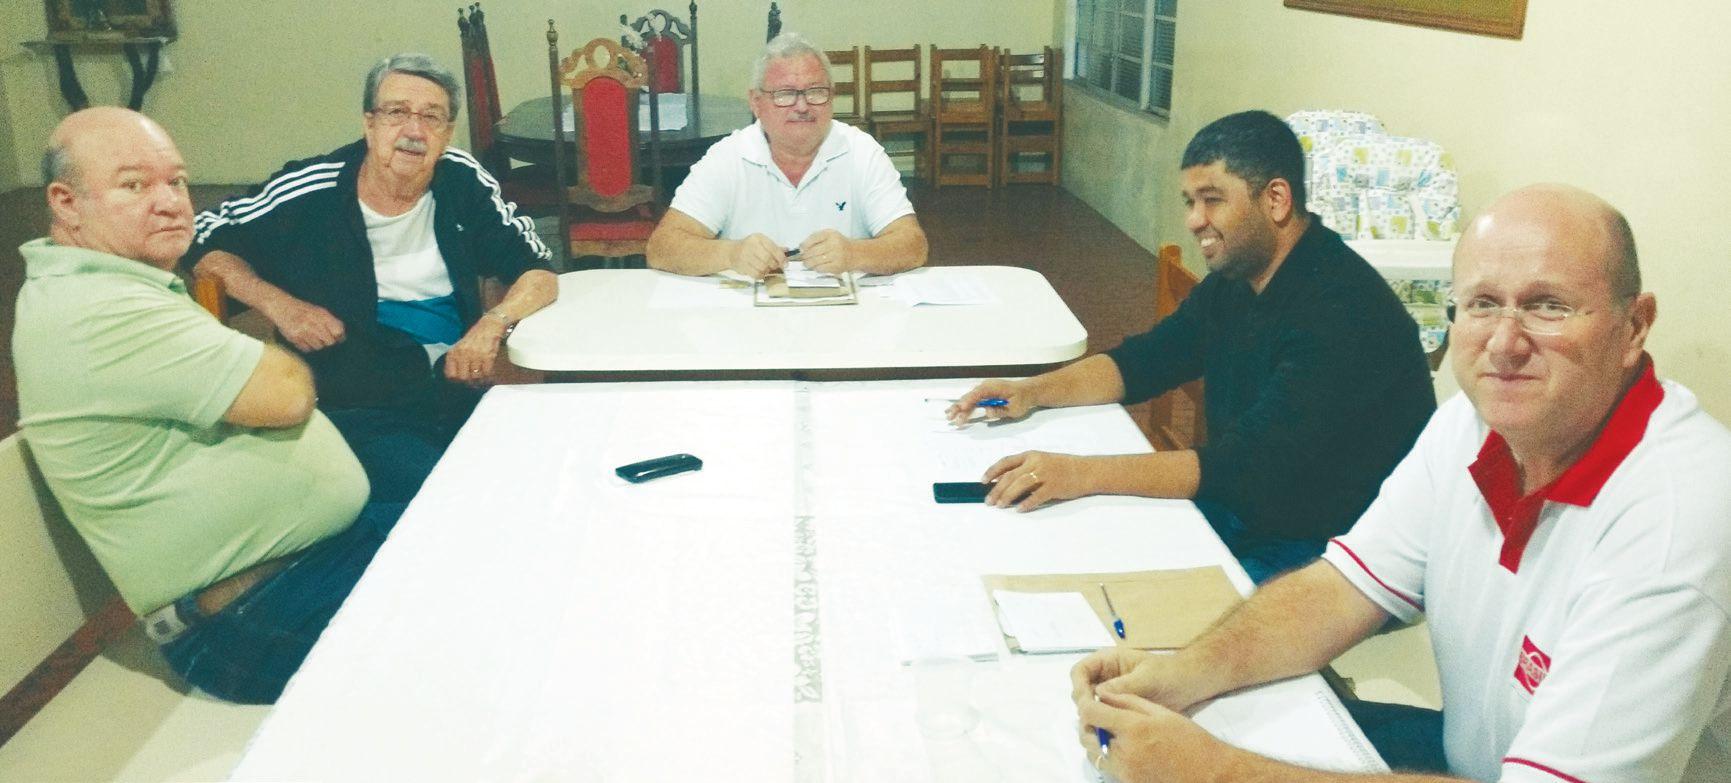 Carlinhos, Joseli, presidente Fernandes, Julio e André, aguardando para reunião da Santa Rita, na noite desta última 2ª feira.